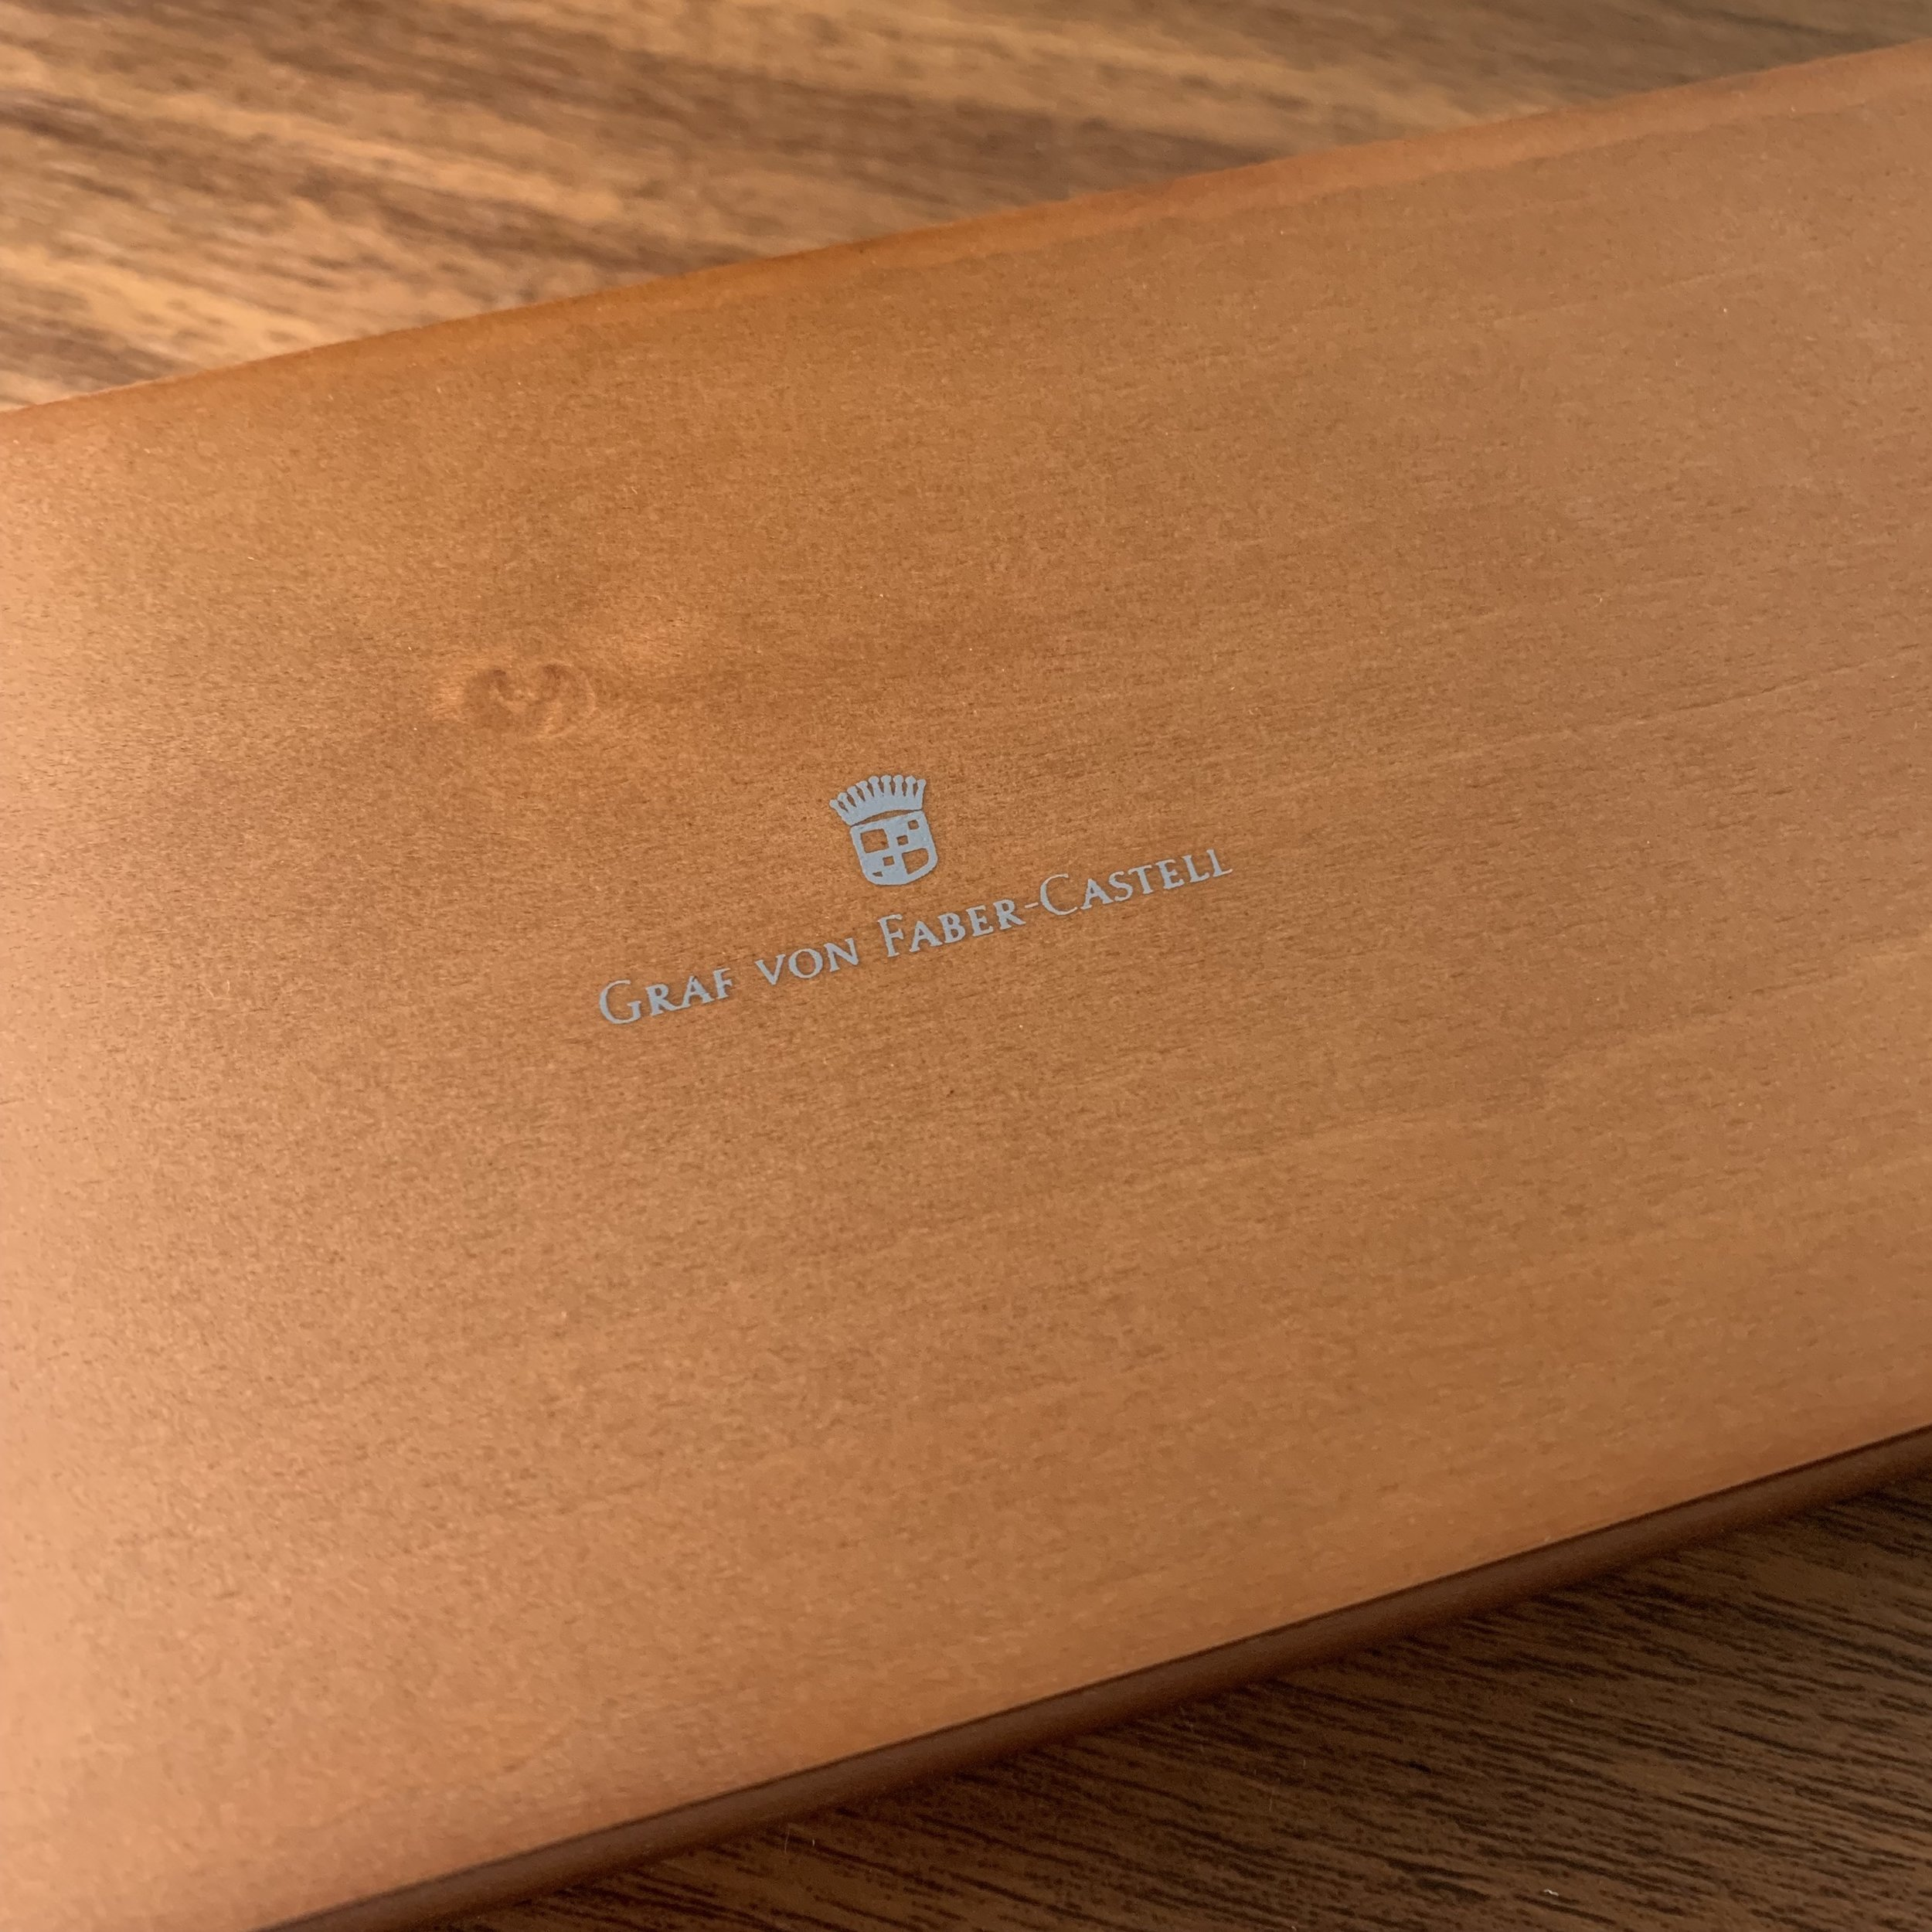 Graf von Faber Castell Logo on Presentation Box